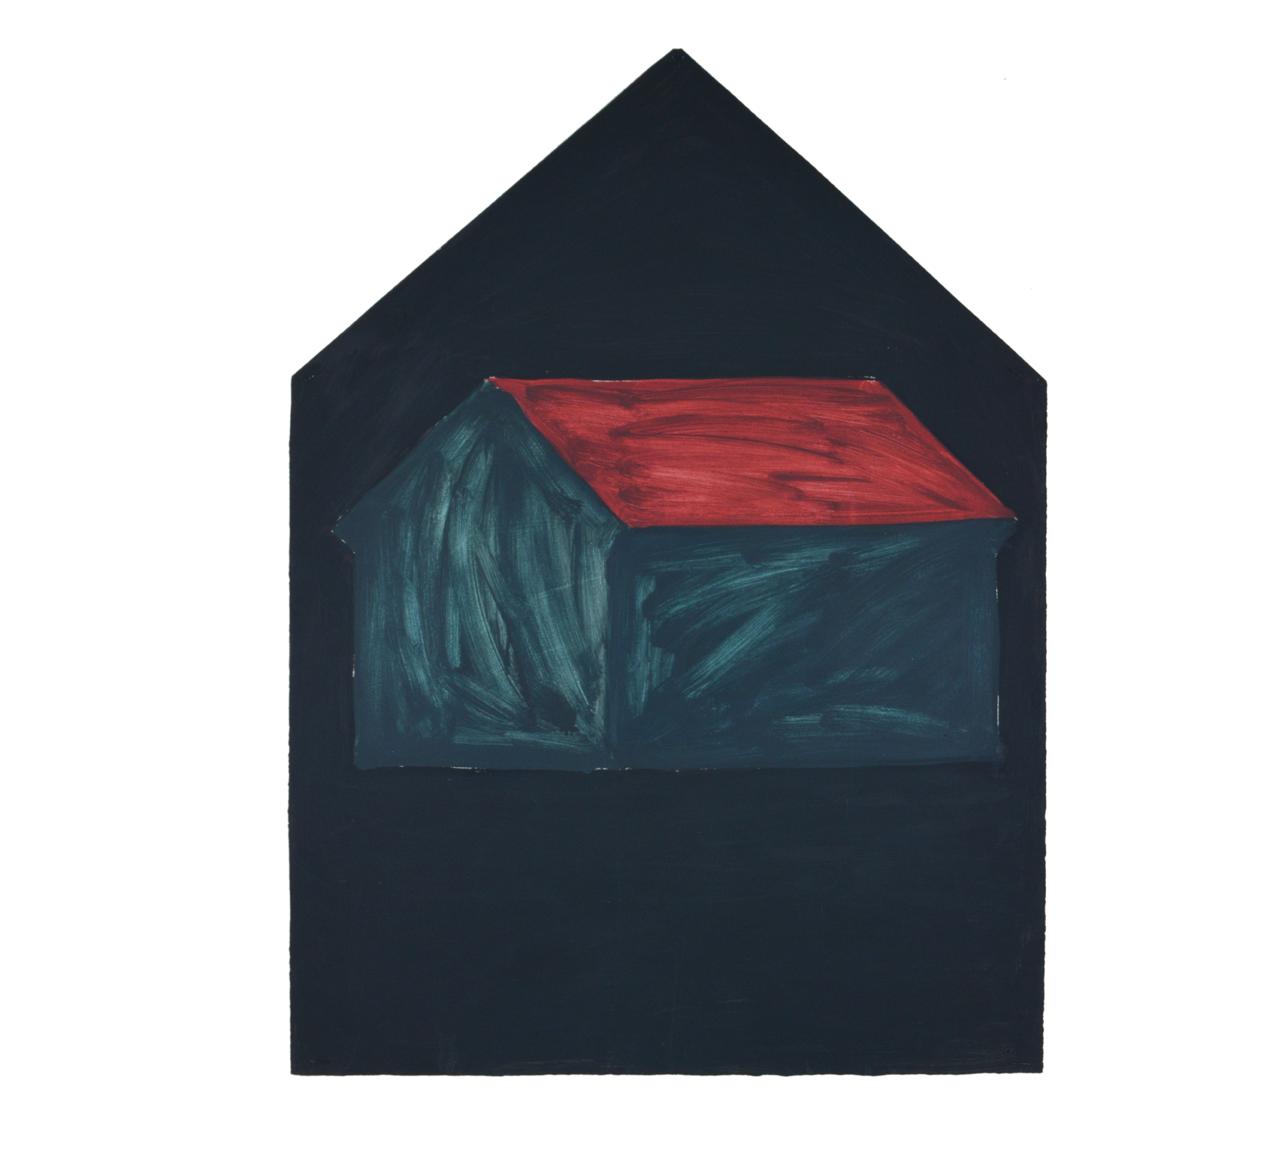 """""""Maison simple sombre"""" 1981, peinture à l'huile sur papier, 106 x 79 cm - Collection Dr.Dohmen, Aachen, Allemegne - Photo Hadler/Stuhr"""